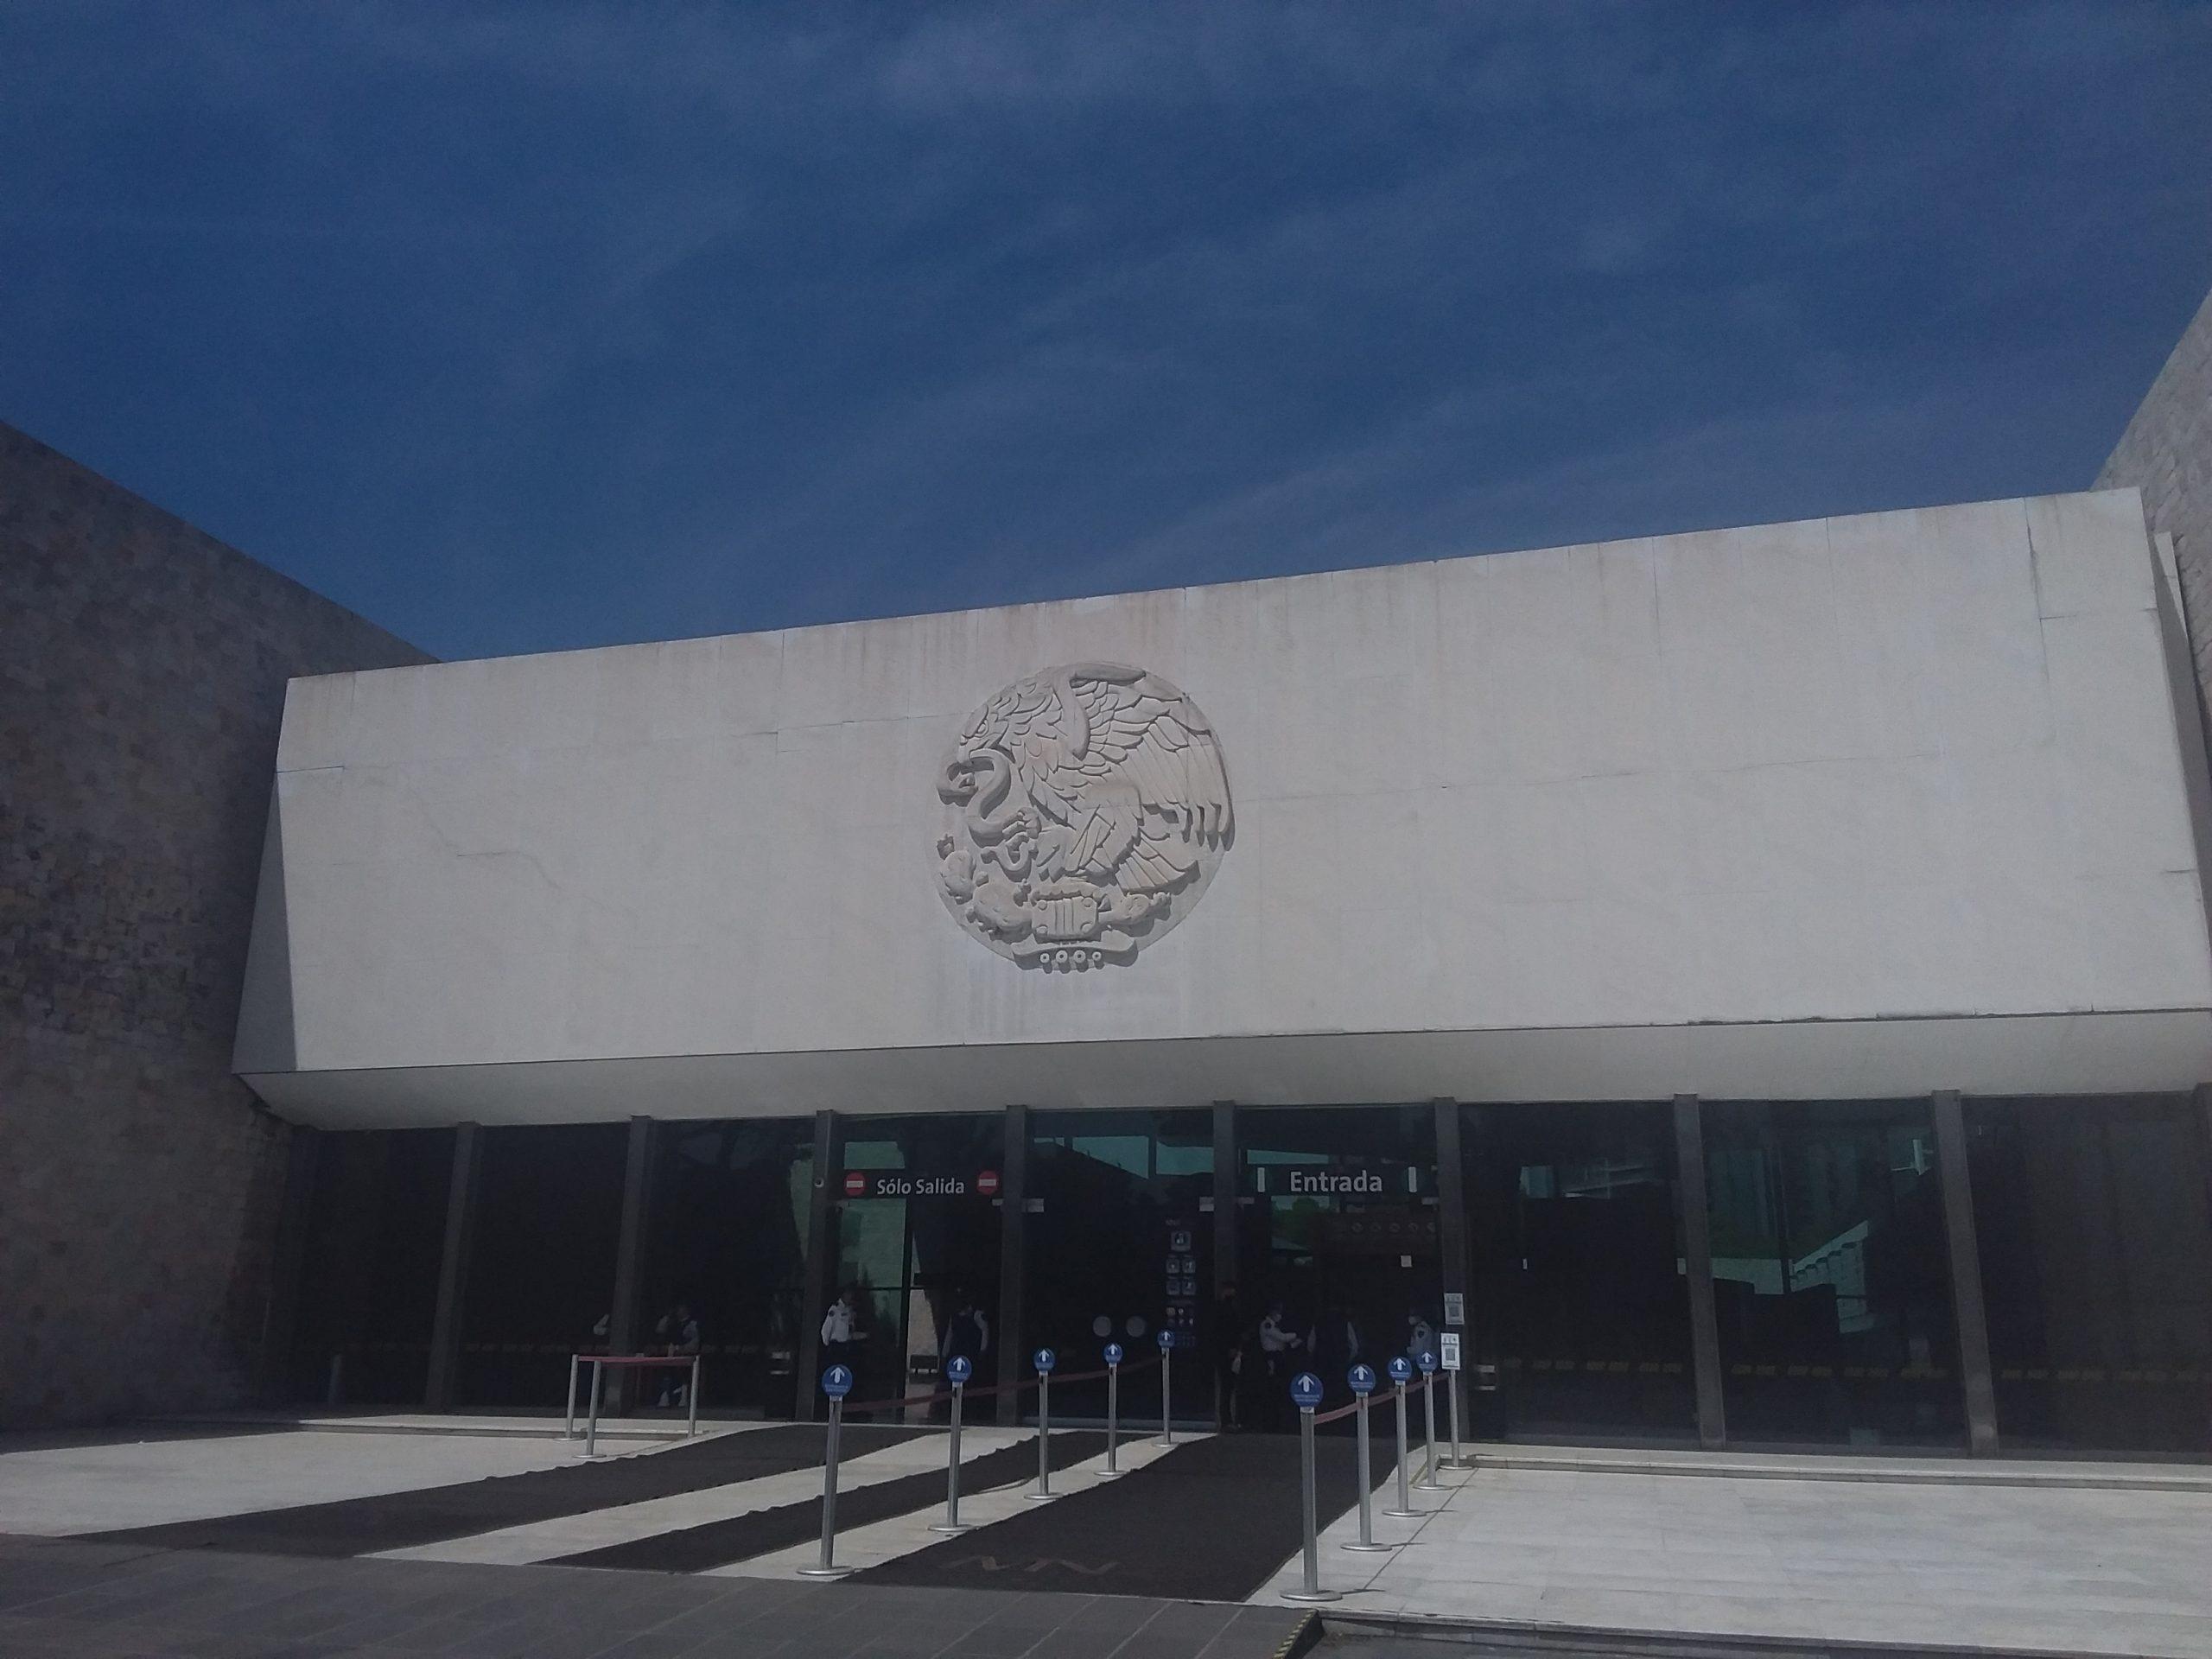 Entrée musée national anthropologie mexico city